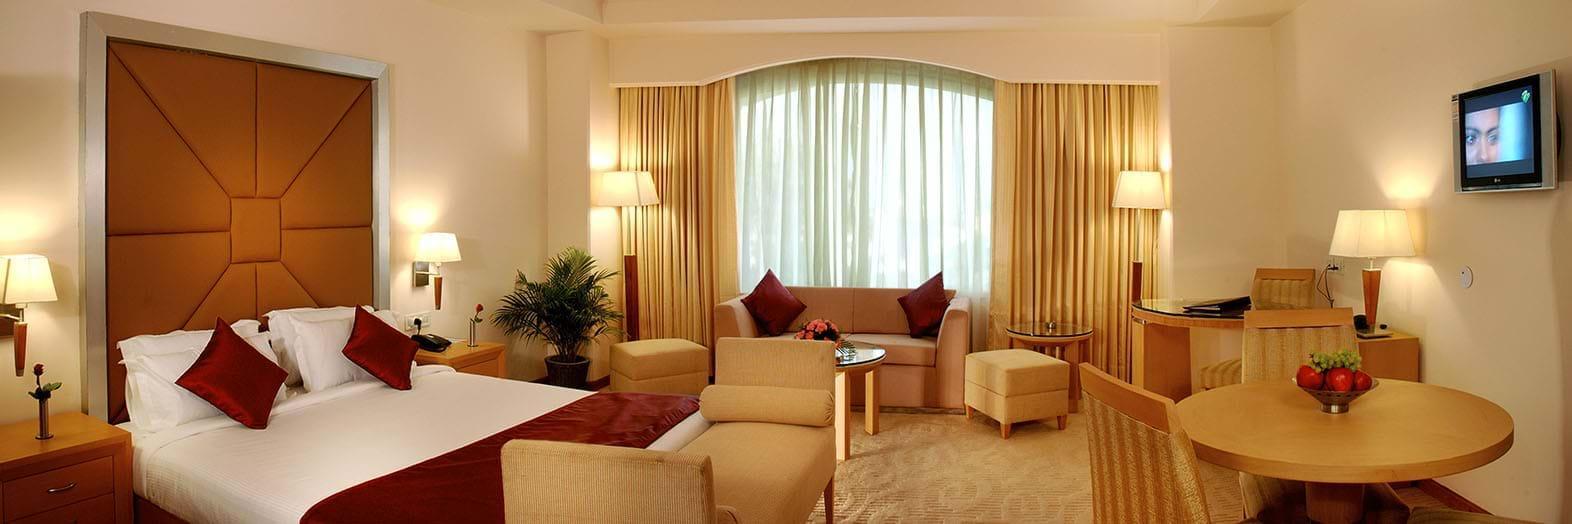 Fortune Inn Riviera, Jammu Hotels